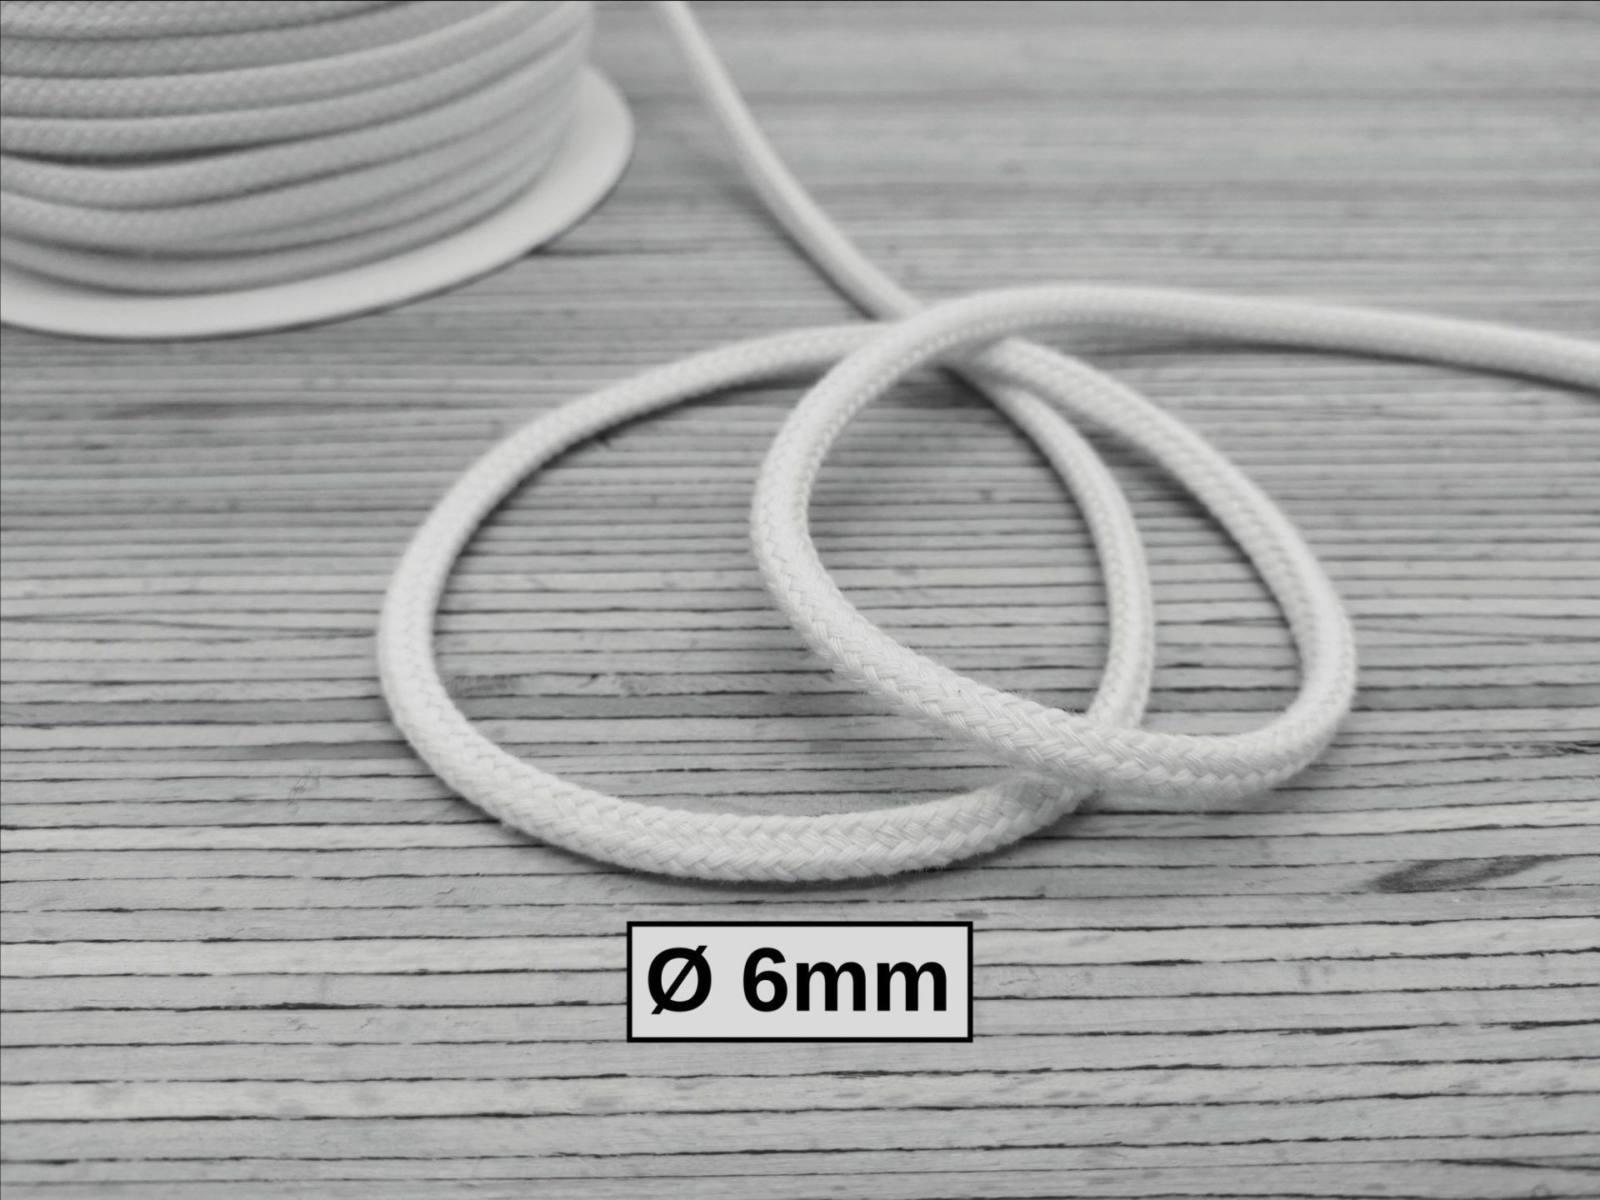 Baumwollkordel 6mm mit Schrift_Zeichenfläche 1